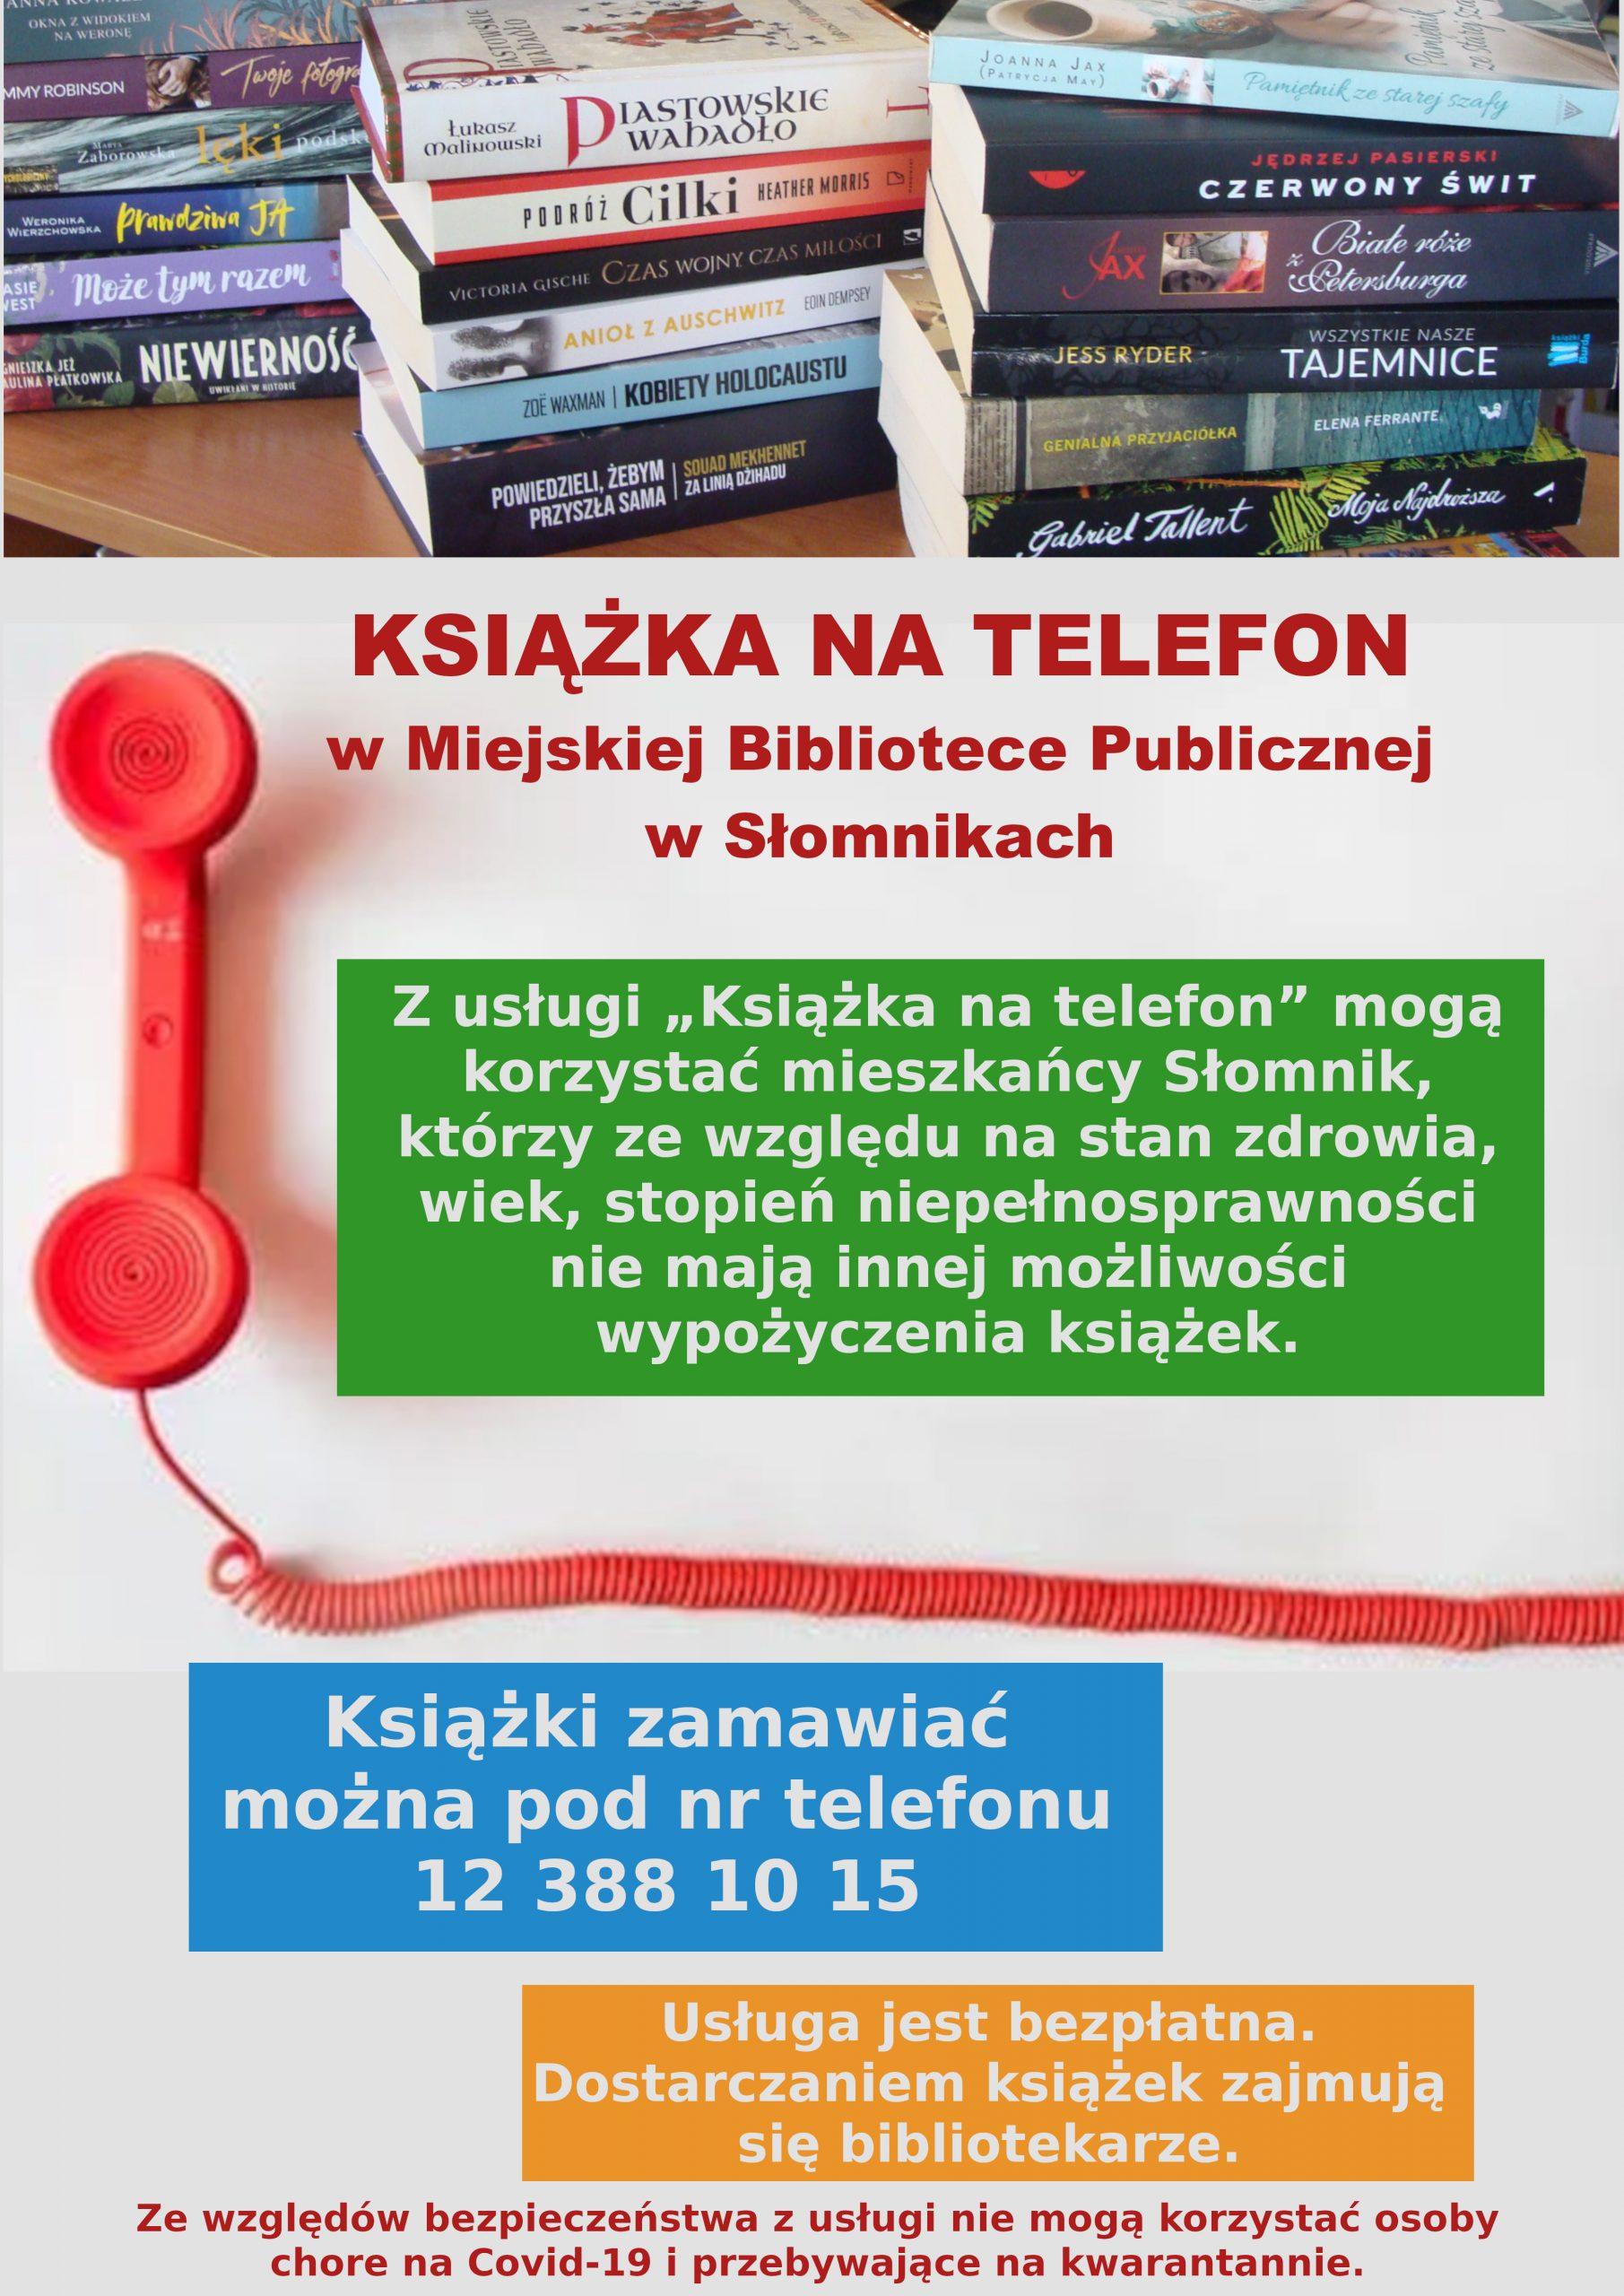 Ksiażka na telefon-plakat